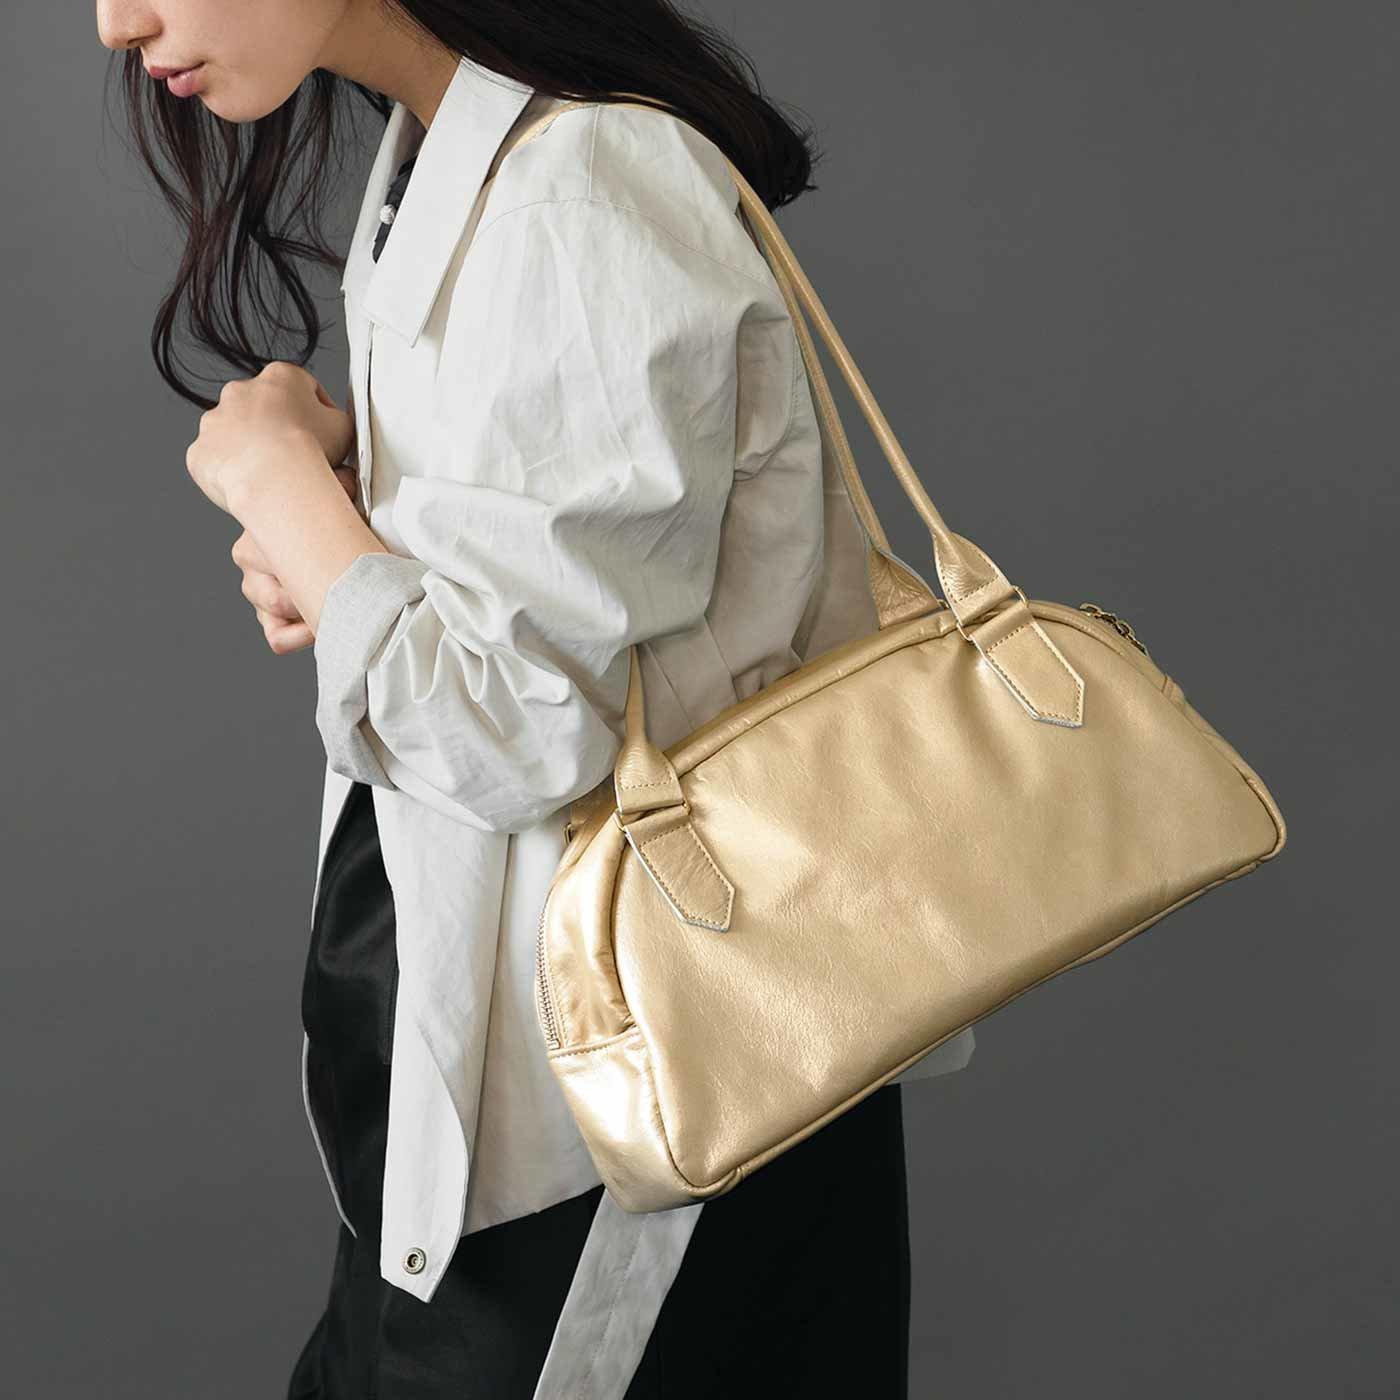 スタイリスト×職人仕上げ 女性をいつでも美しく見せるくったりレザーの上品ボストンバッグ〈シャンパンゴールド〉[本革 鞄:日本製]